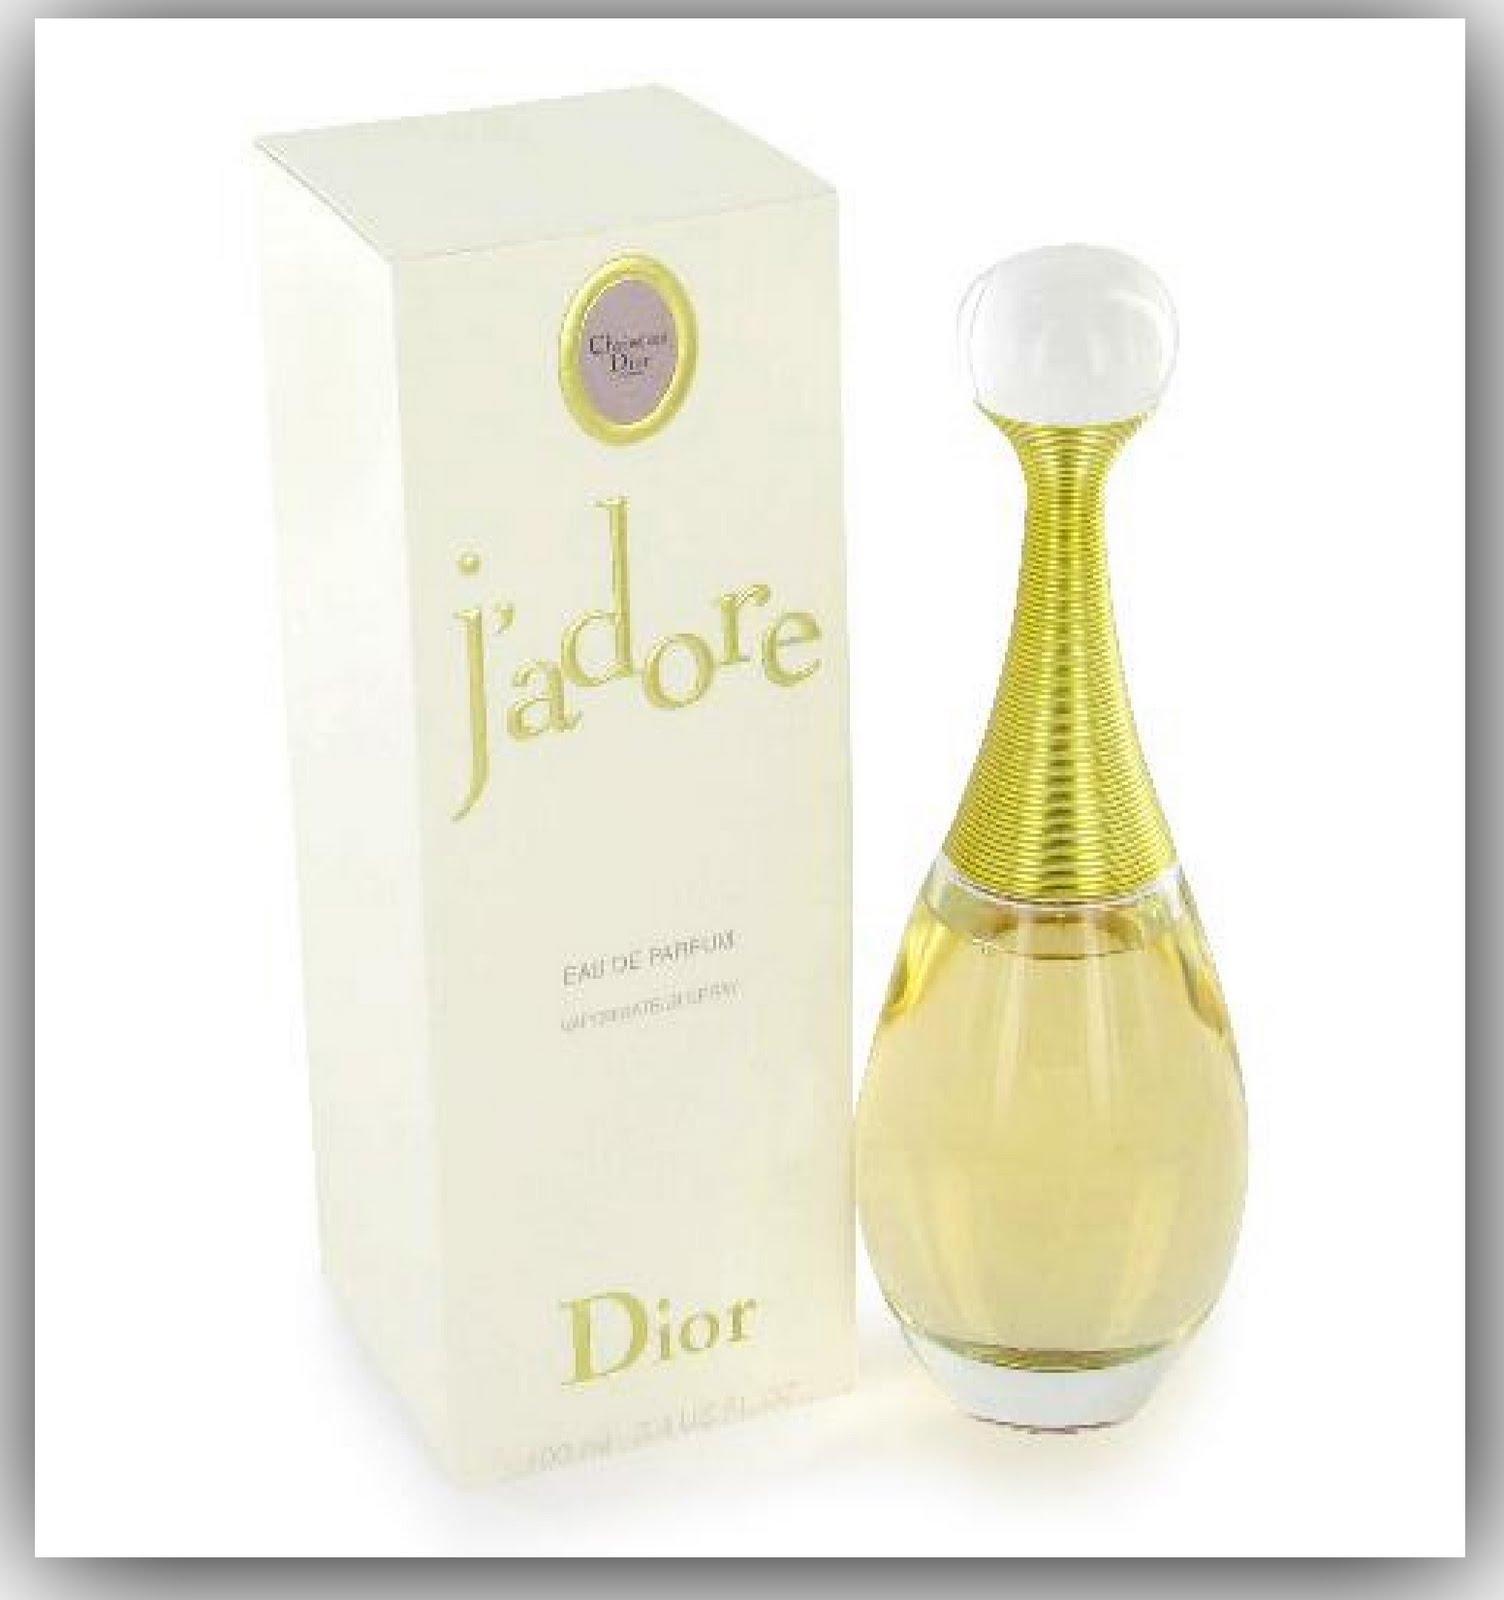 Женская парфюмированная вода dior j`adore (благородный цветочно-фруктовый аромат), купить женская парфюмерия. в харькове, украин.